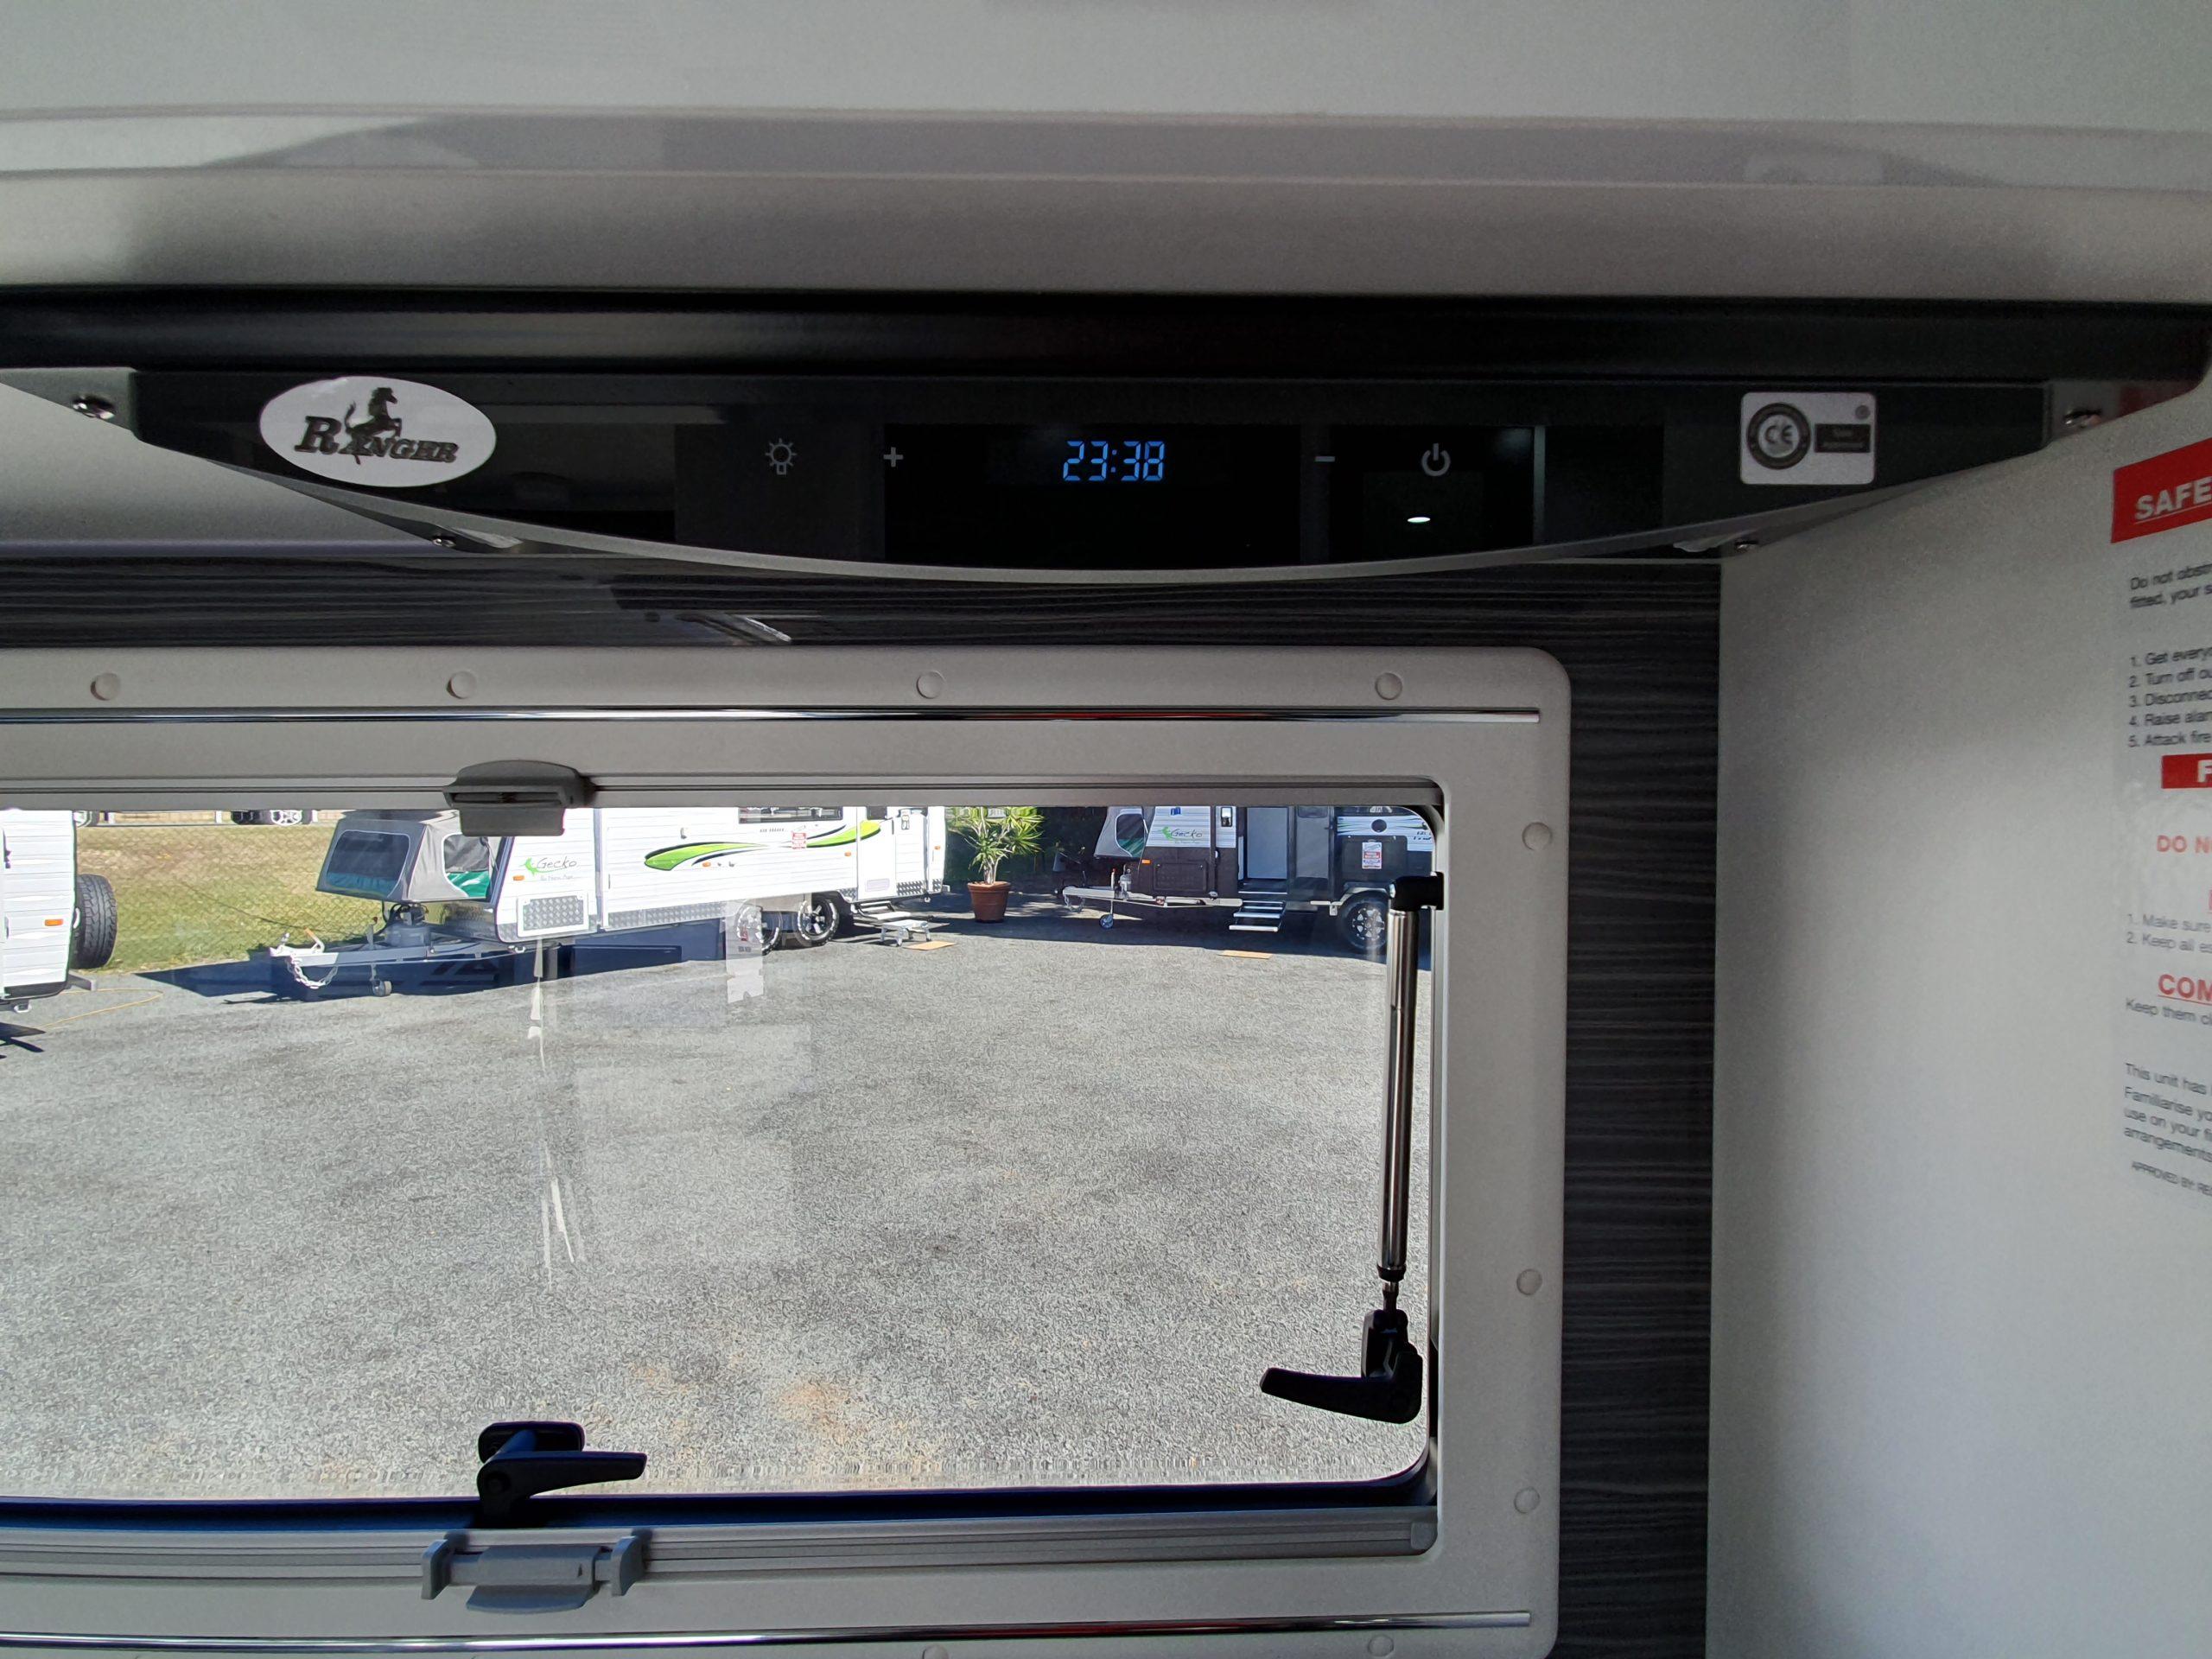 new rangehood style in caravan